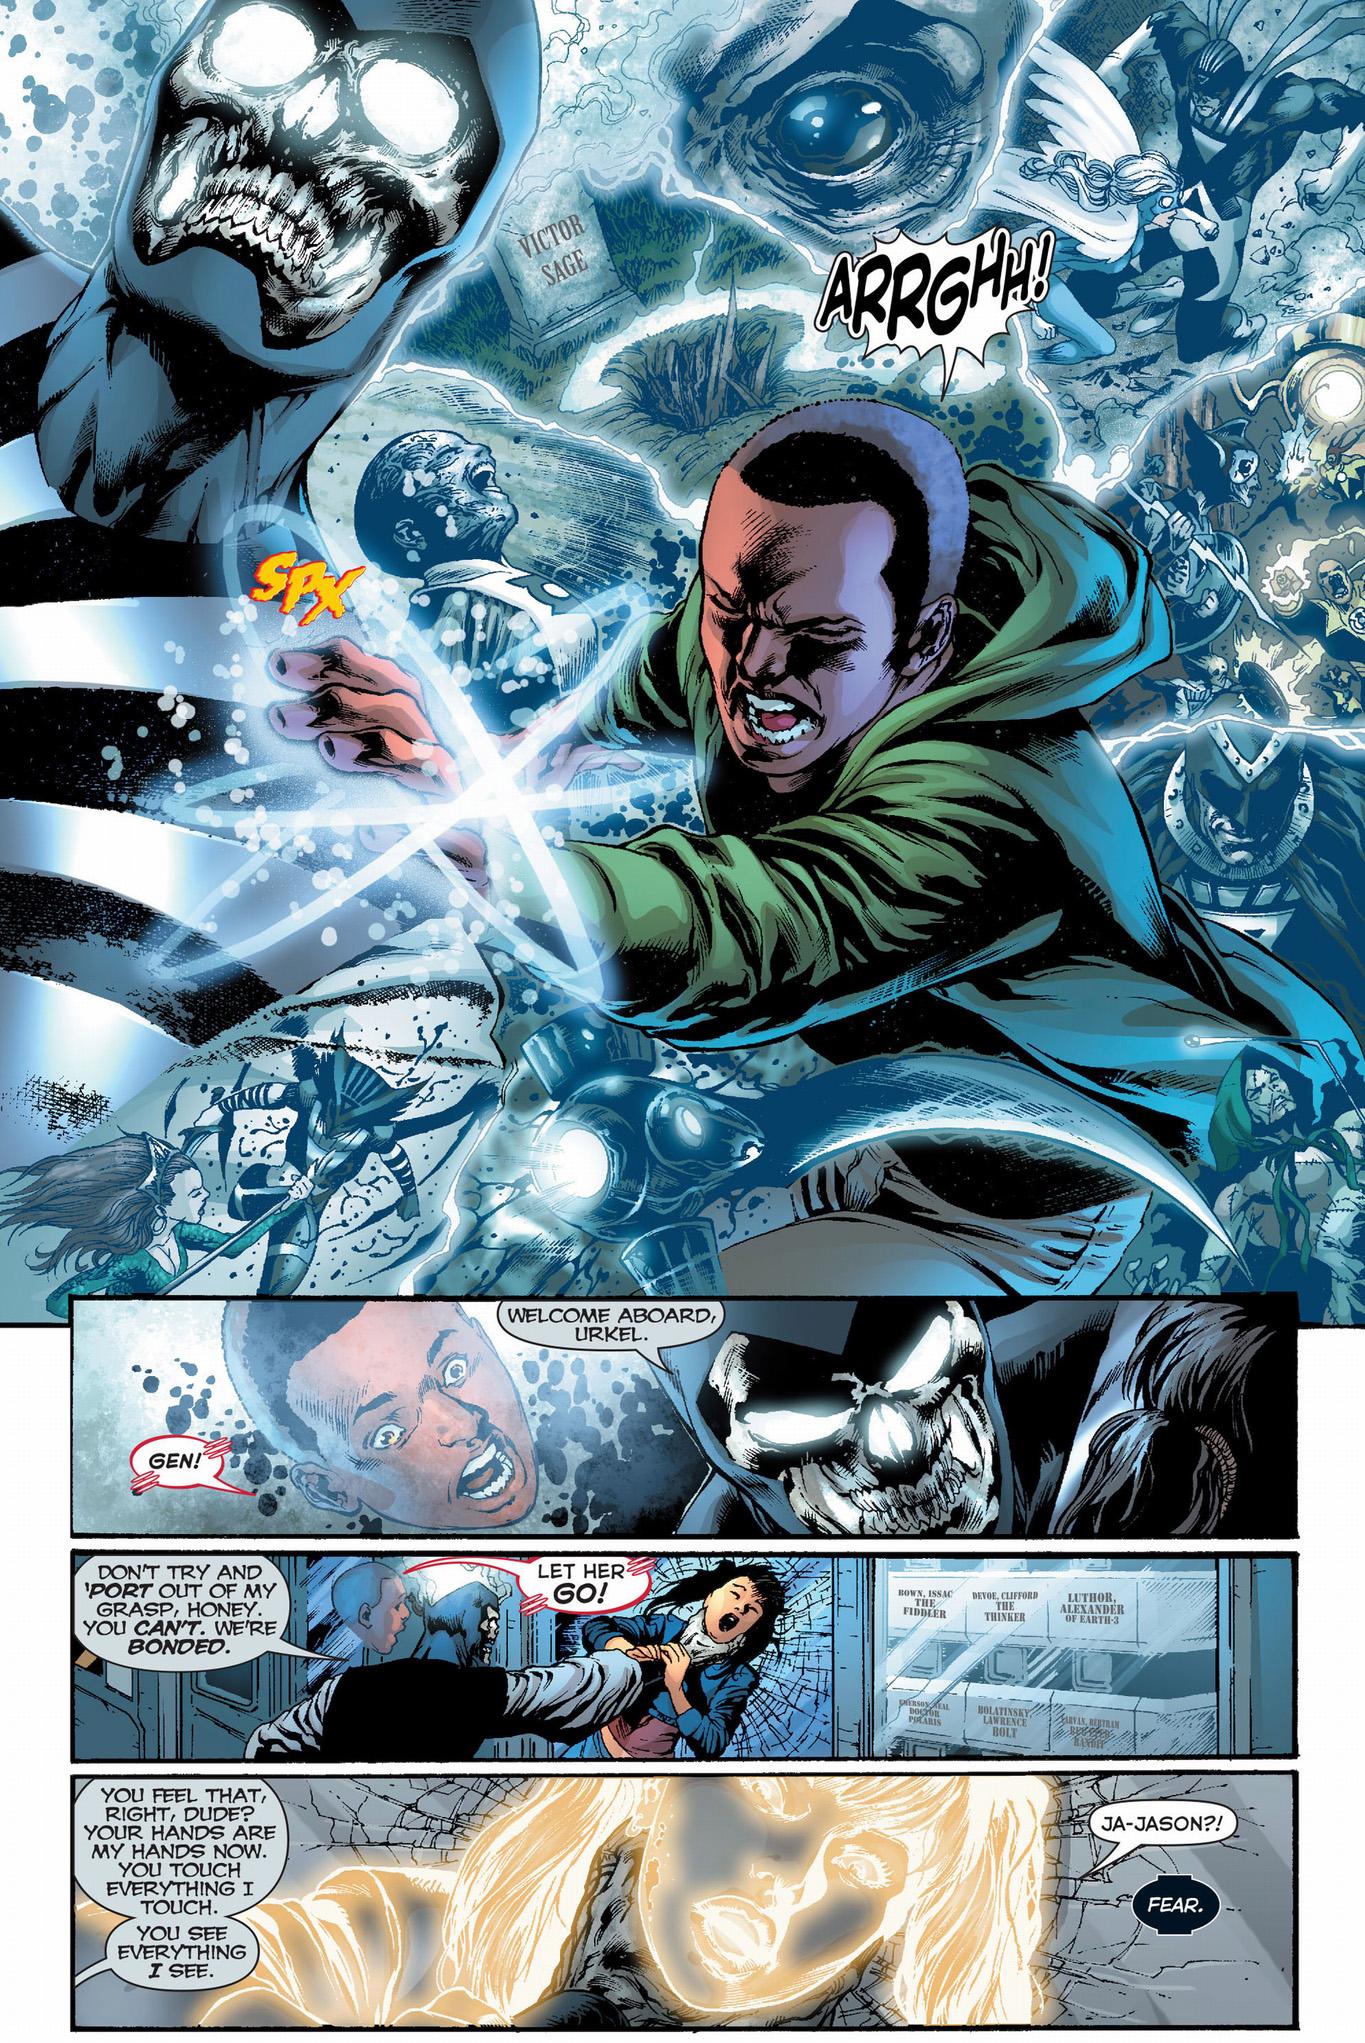 Black Lantern Firestorm Kills Gehenna Comicnewbies